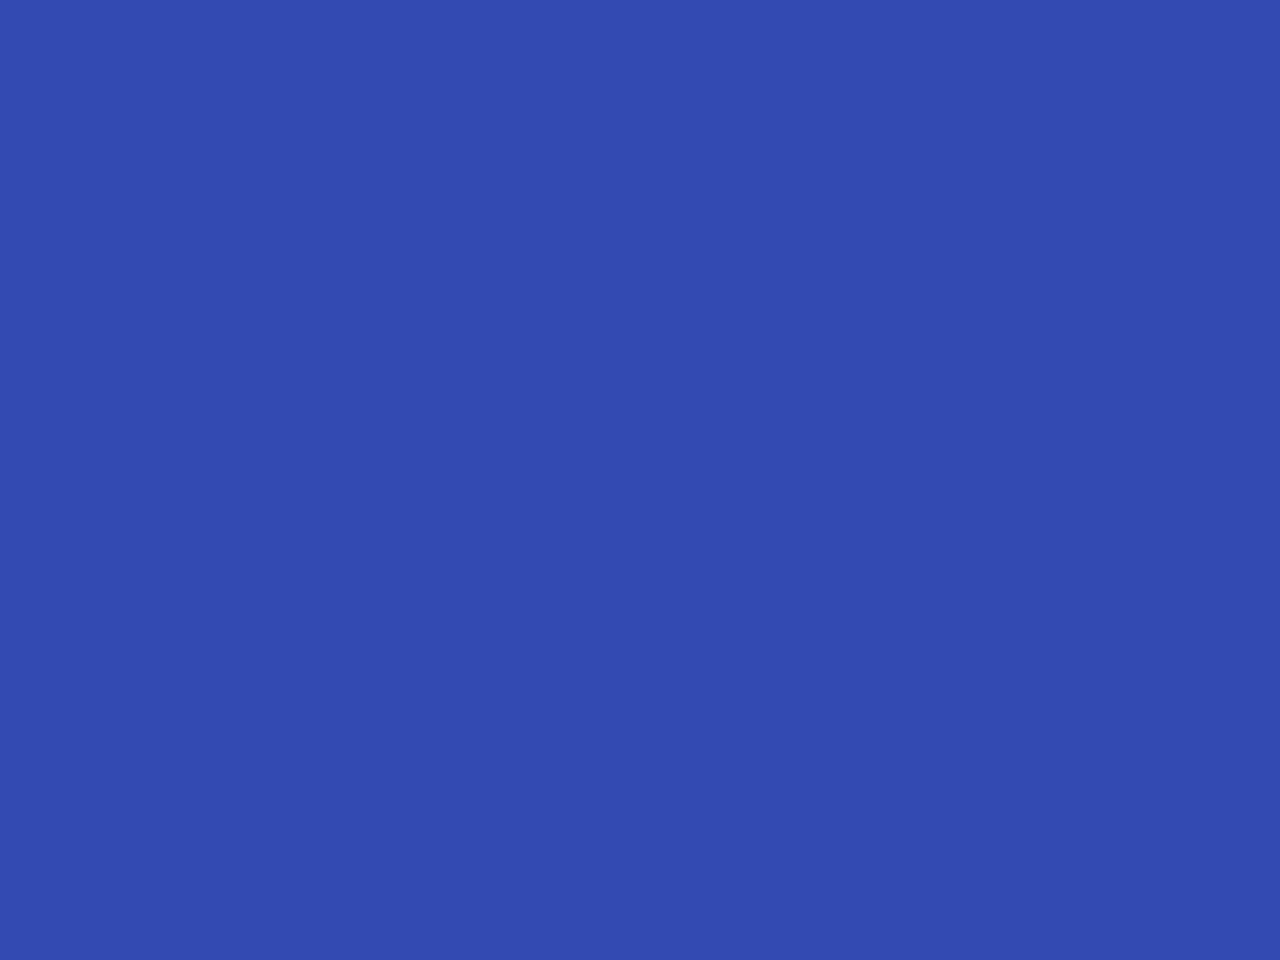 1280x960 Violet-blue Solid Color Background